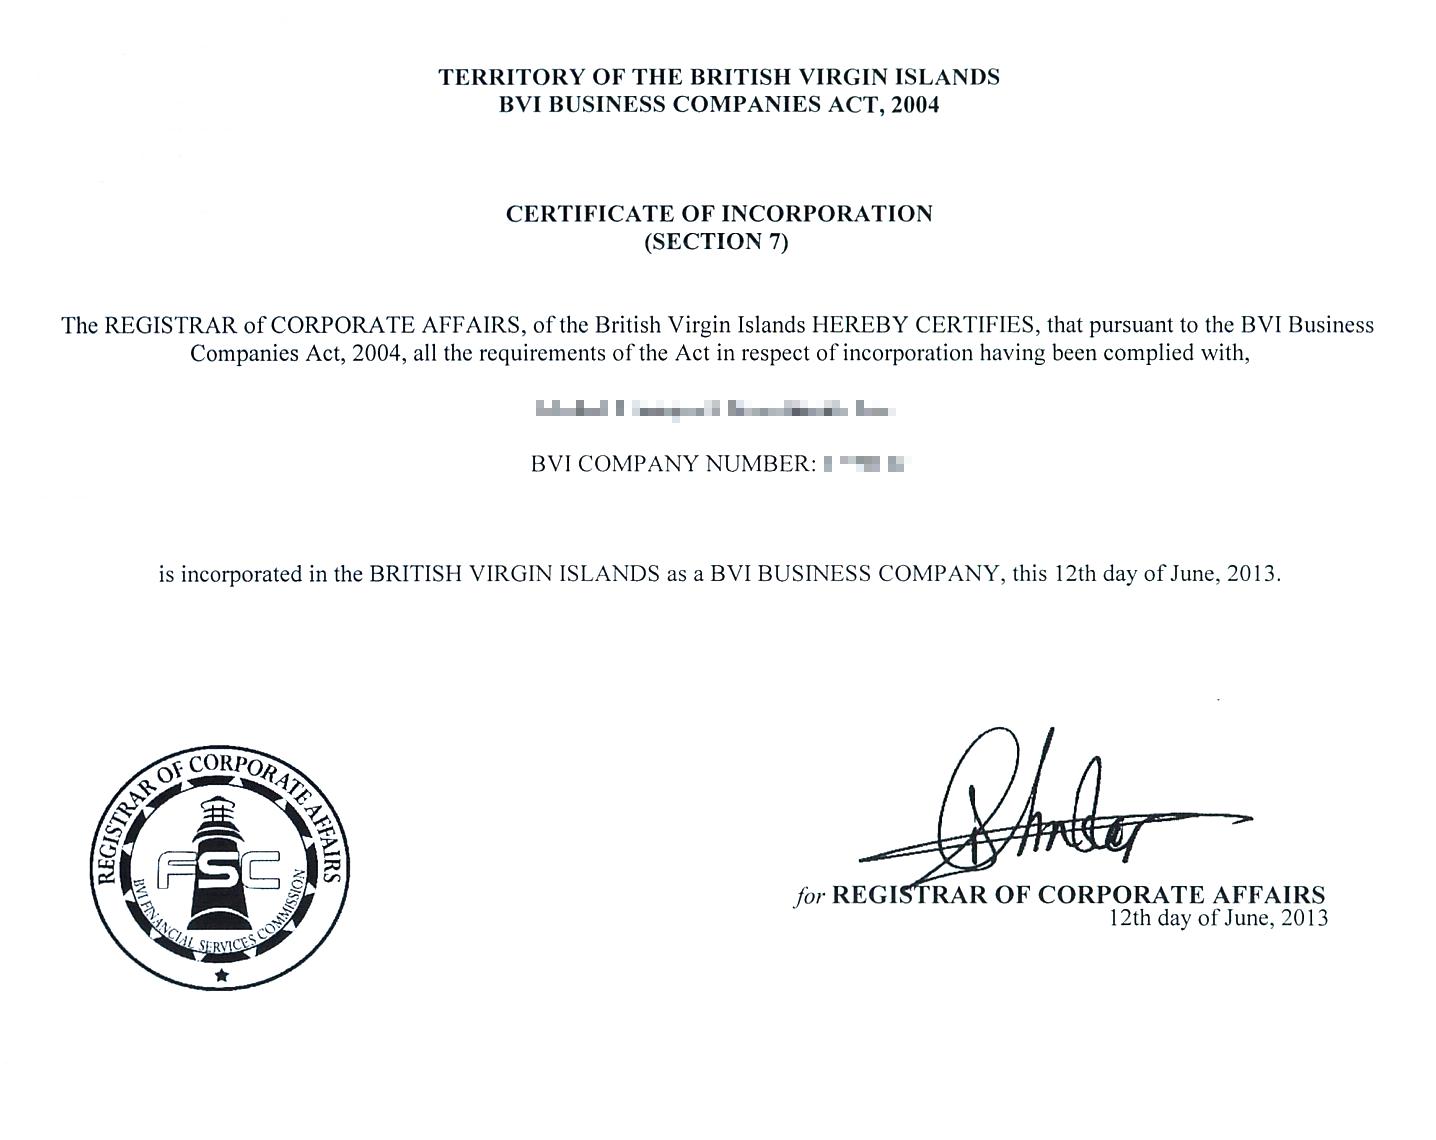 Свидетельство о регистрации компании на территории Британских Виргинских островов. Если такой документ нужно представить в российский суд, его придется апостилировать и перевести на русский язык